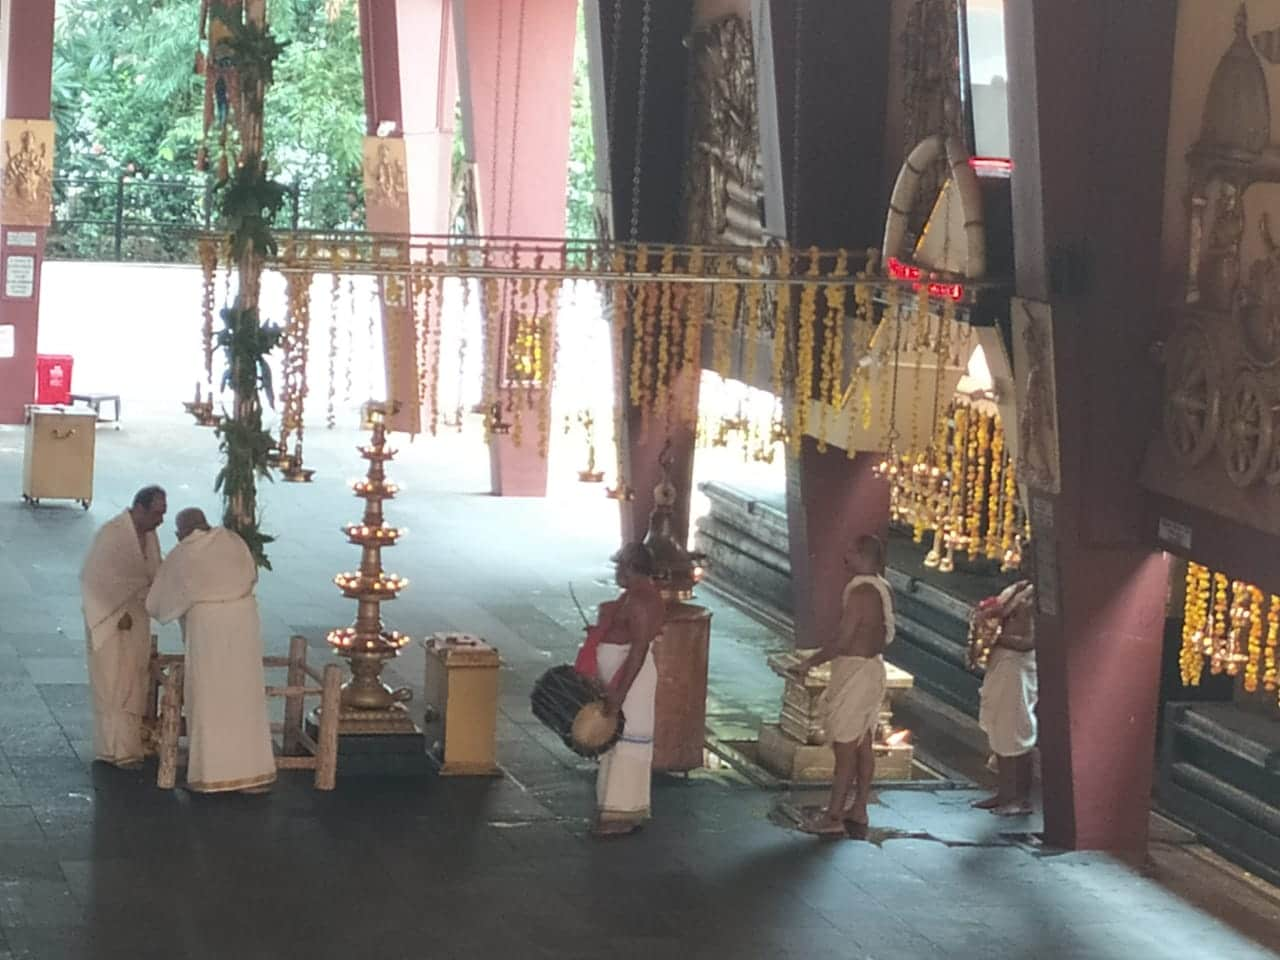 തിരുവമ്പാടിയിലാണ് ആദ്യം കൊടിയേറ്റം നടന്നത്. പിന്നീടായിരുന്നു പാറമേക്കാവിൽ ചടങ്ങുകൾ നടന്നത്.